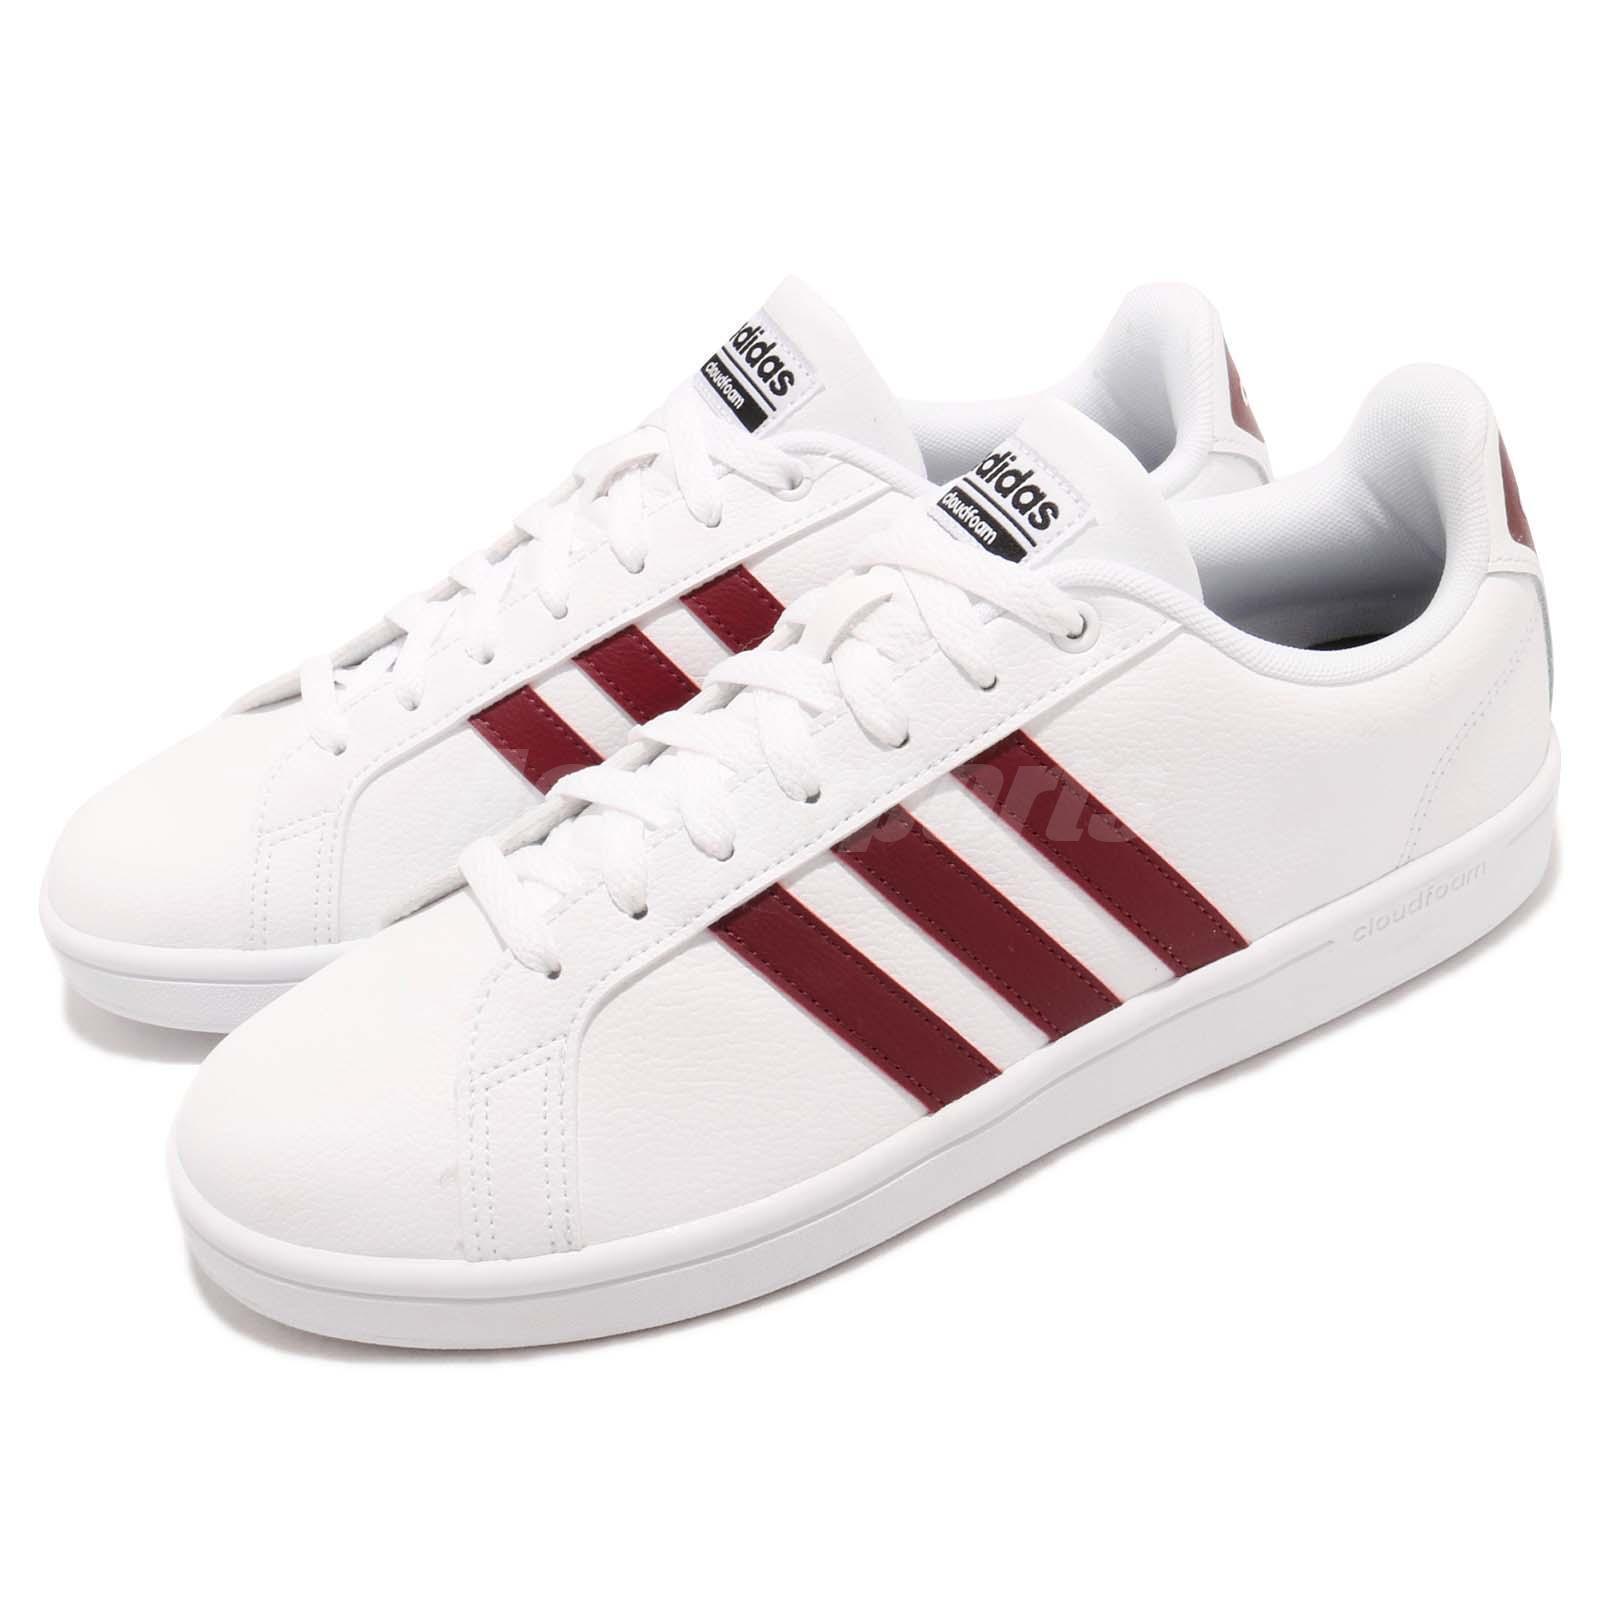 Adidas del vantaggio cloudfoam borgogna uomini scarpe casual da ginnastica da9636 | Facile da usare  | Uomini/Donne Scarpa